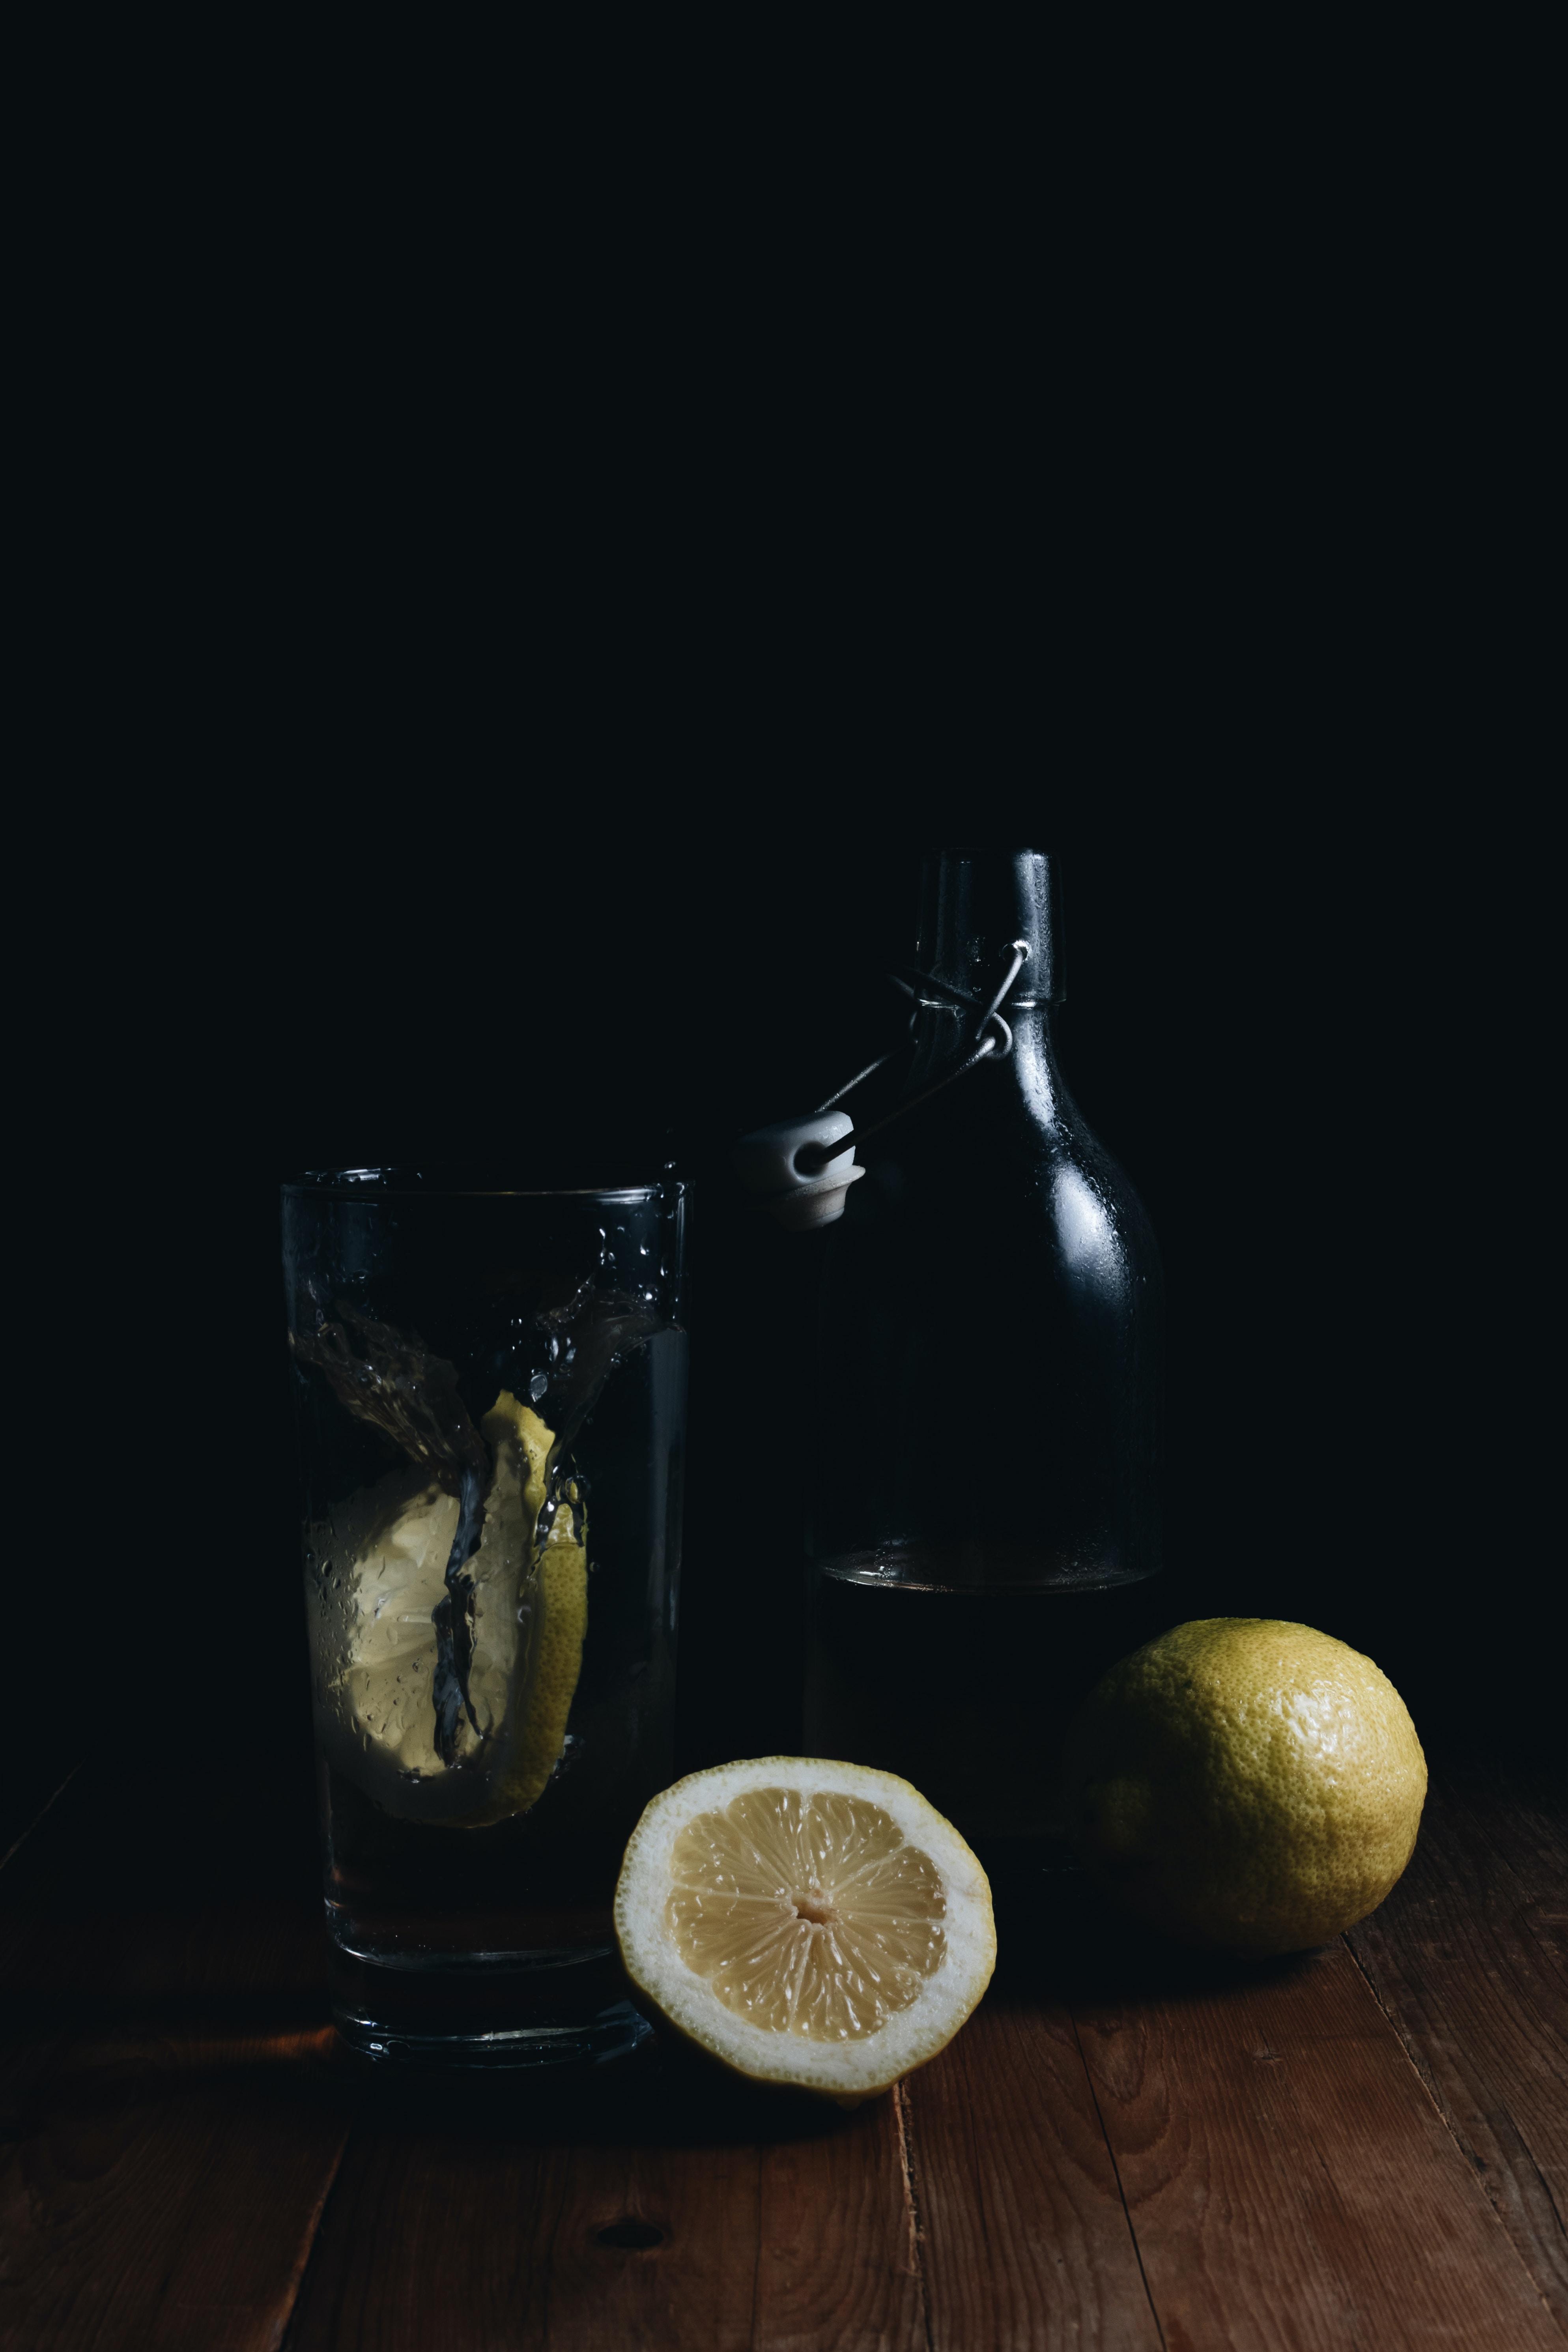 sliced lemons on wooden surface